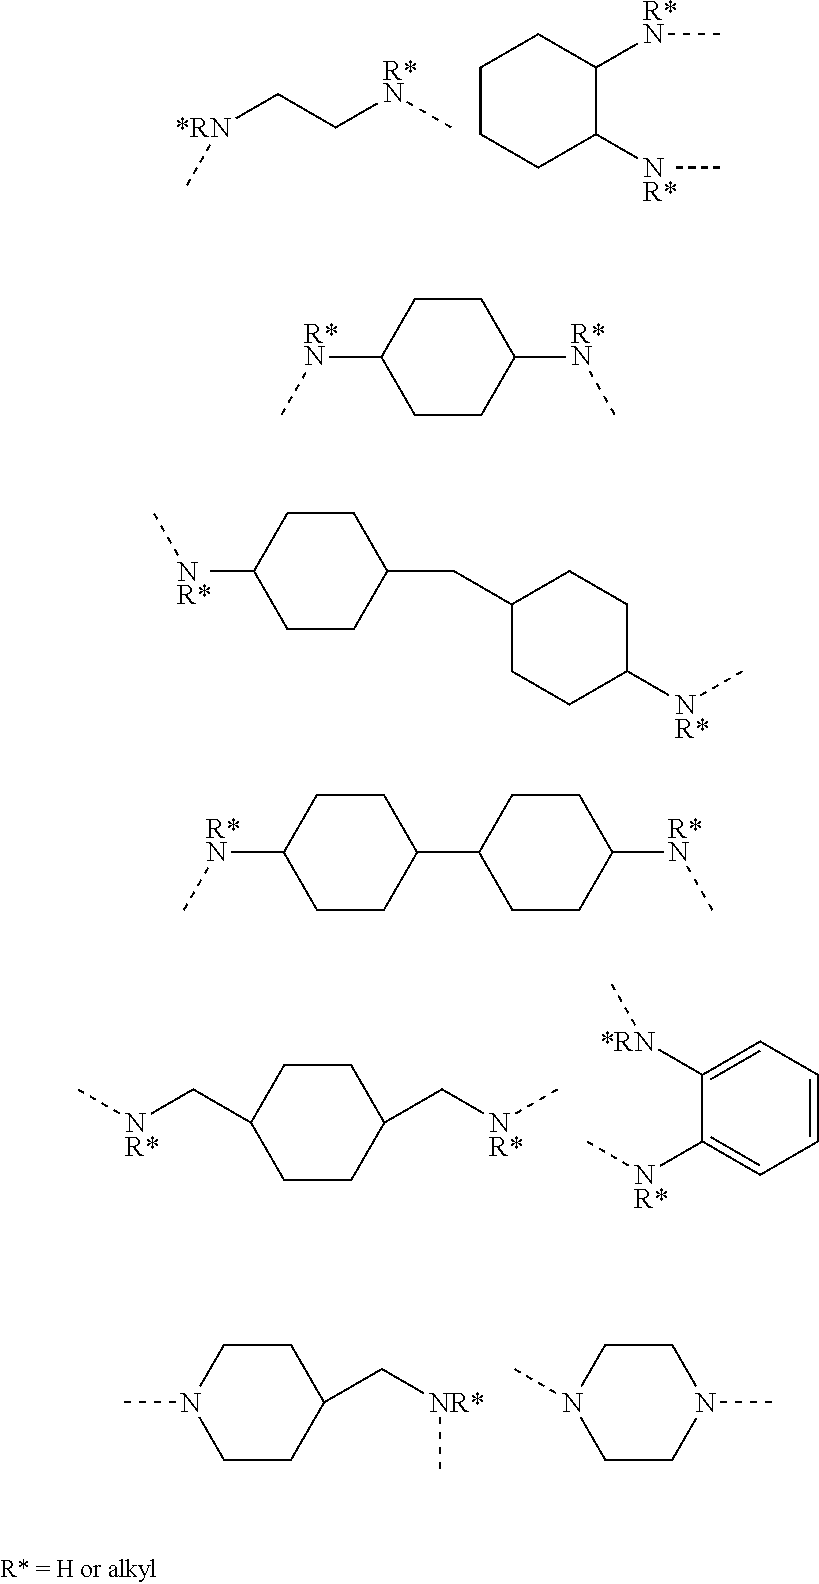 Figure US08277699-20121002-C00021